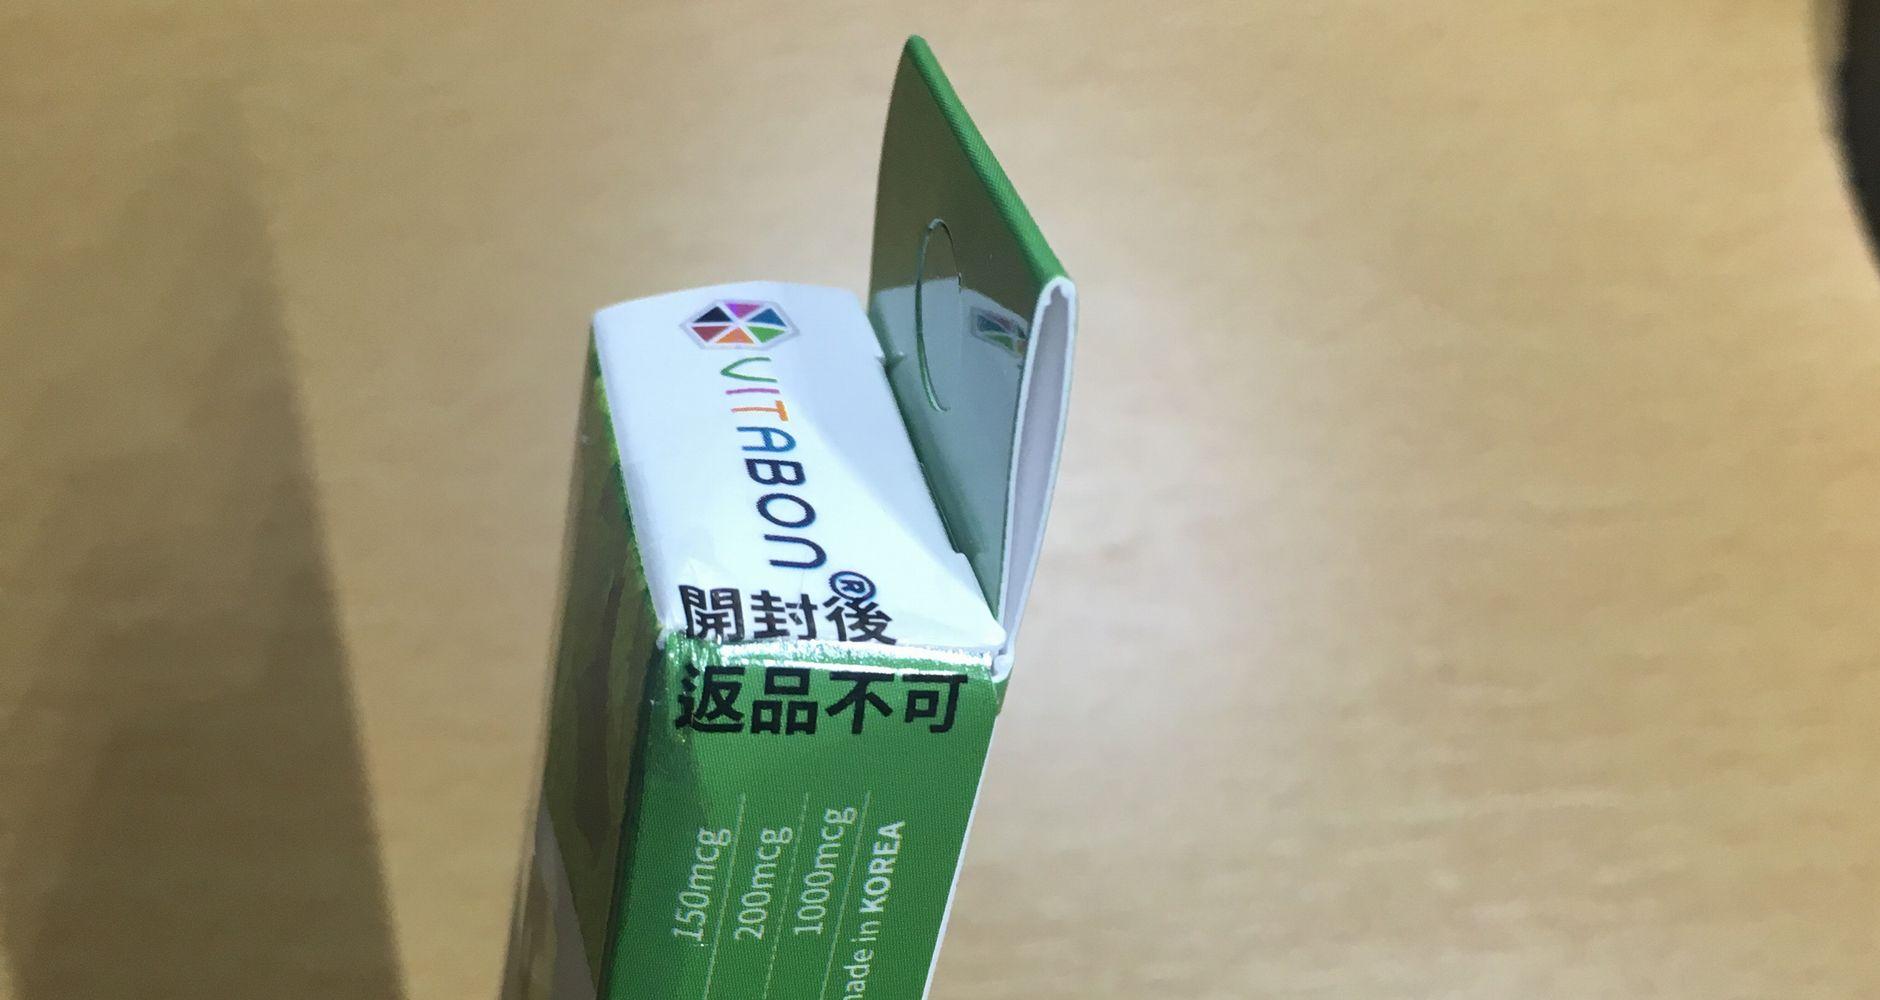 ビタボン(VITABON)の「開封後返品不可」シールの写真